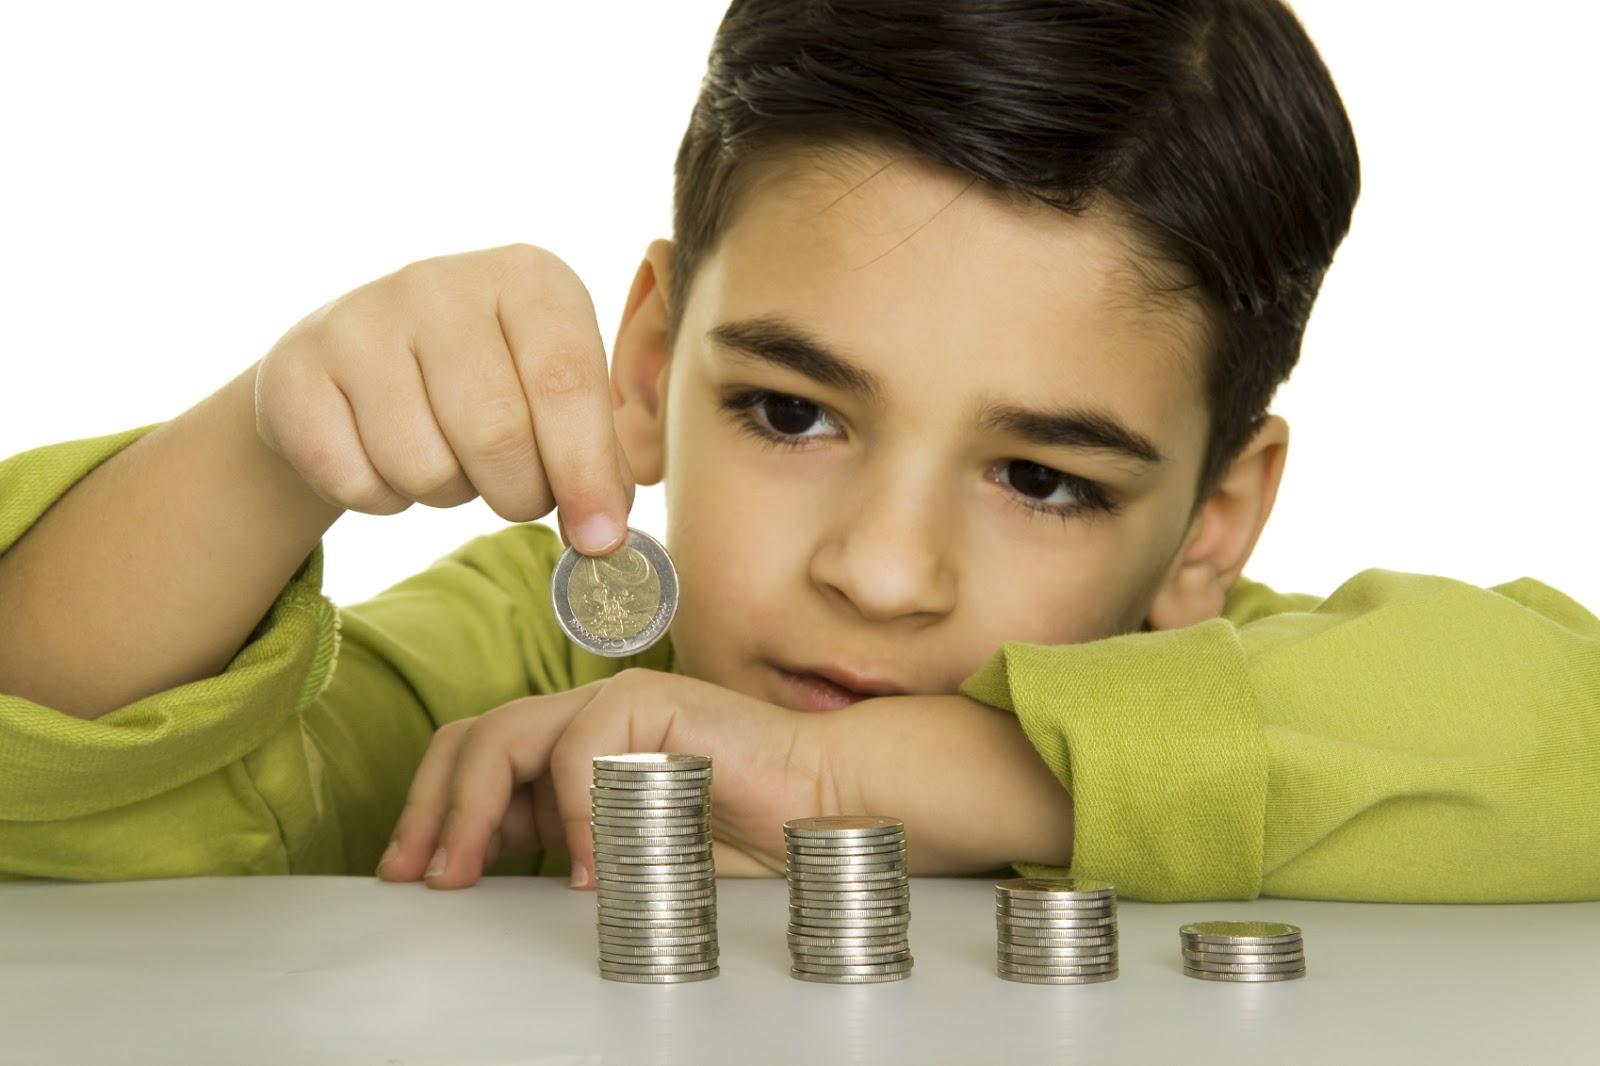 kid_finance3